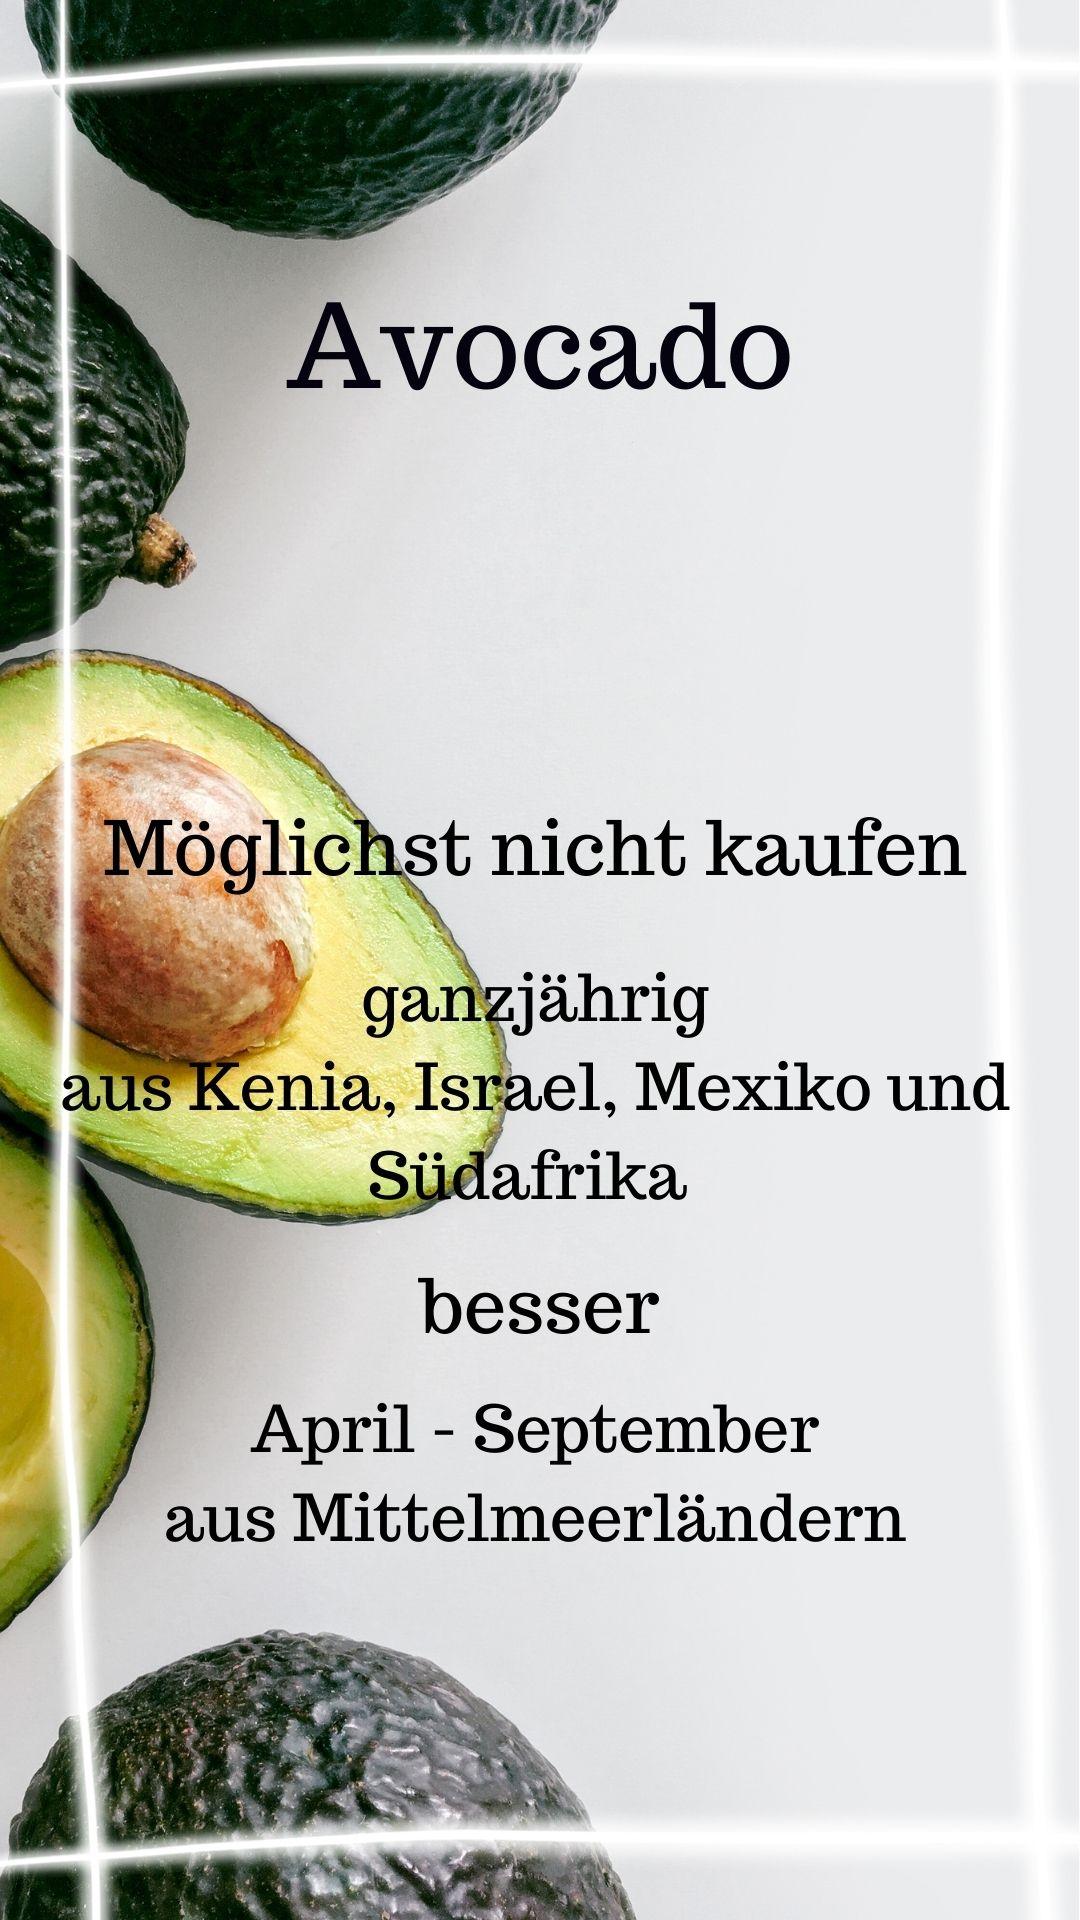 Saison Avocado April - September